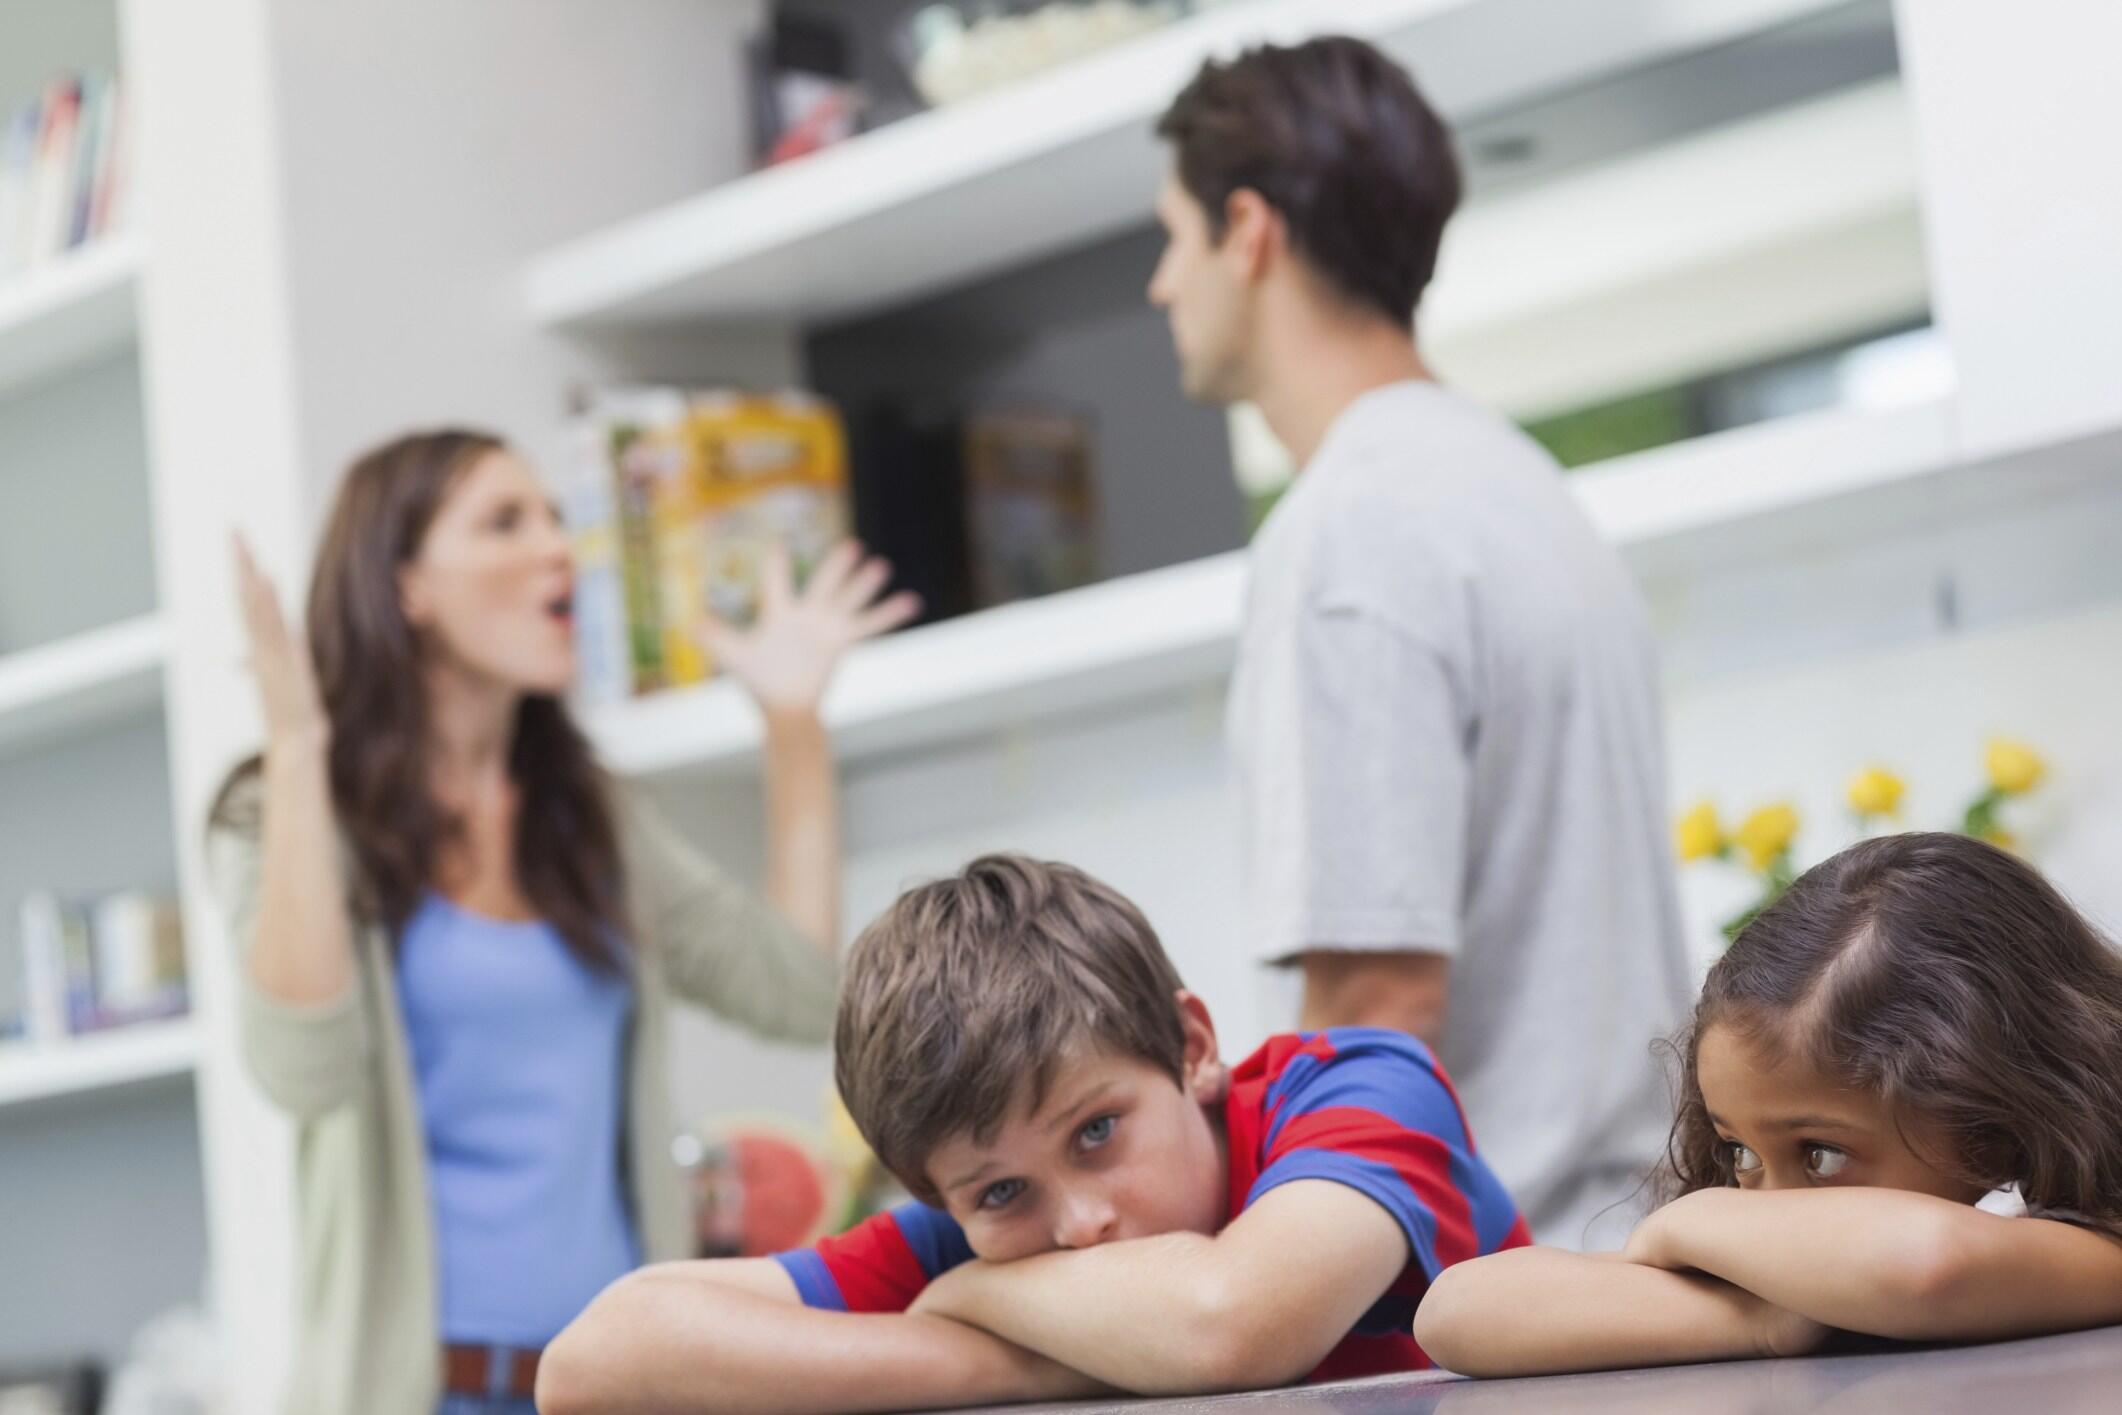 إنعكاسات المشاكل العائلية على الطفل .. نفسية وجسدية !